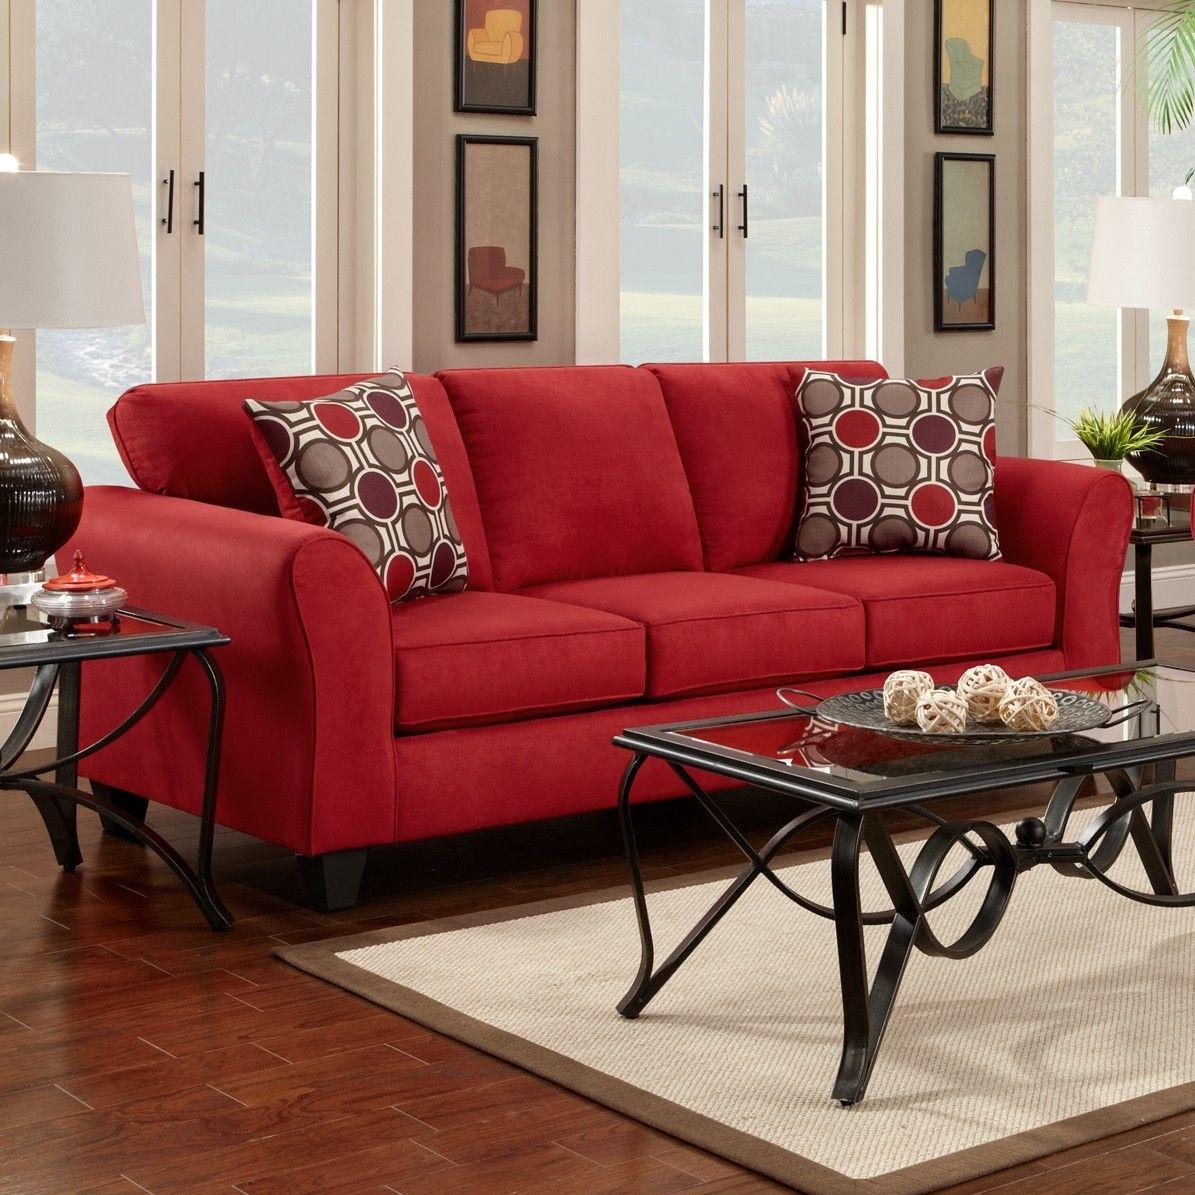 Lee Furniture Patriot Sofa Reviews Wayfair